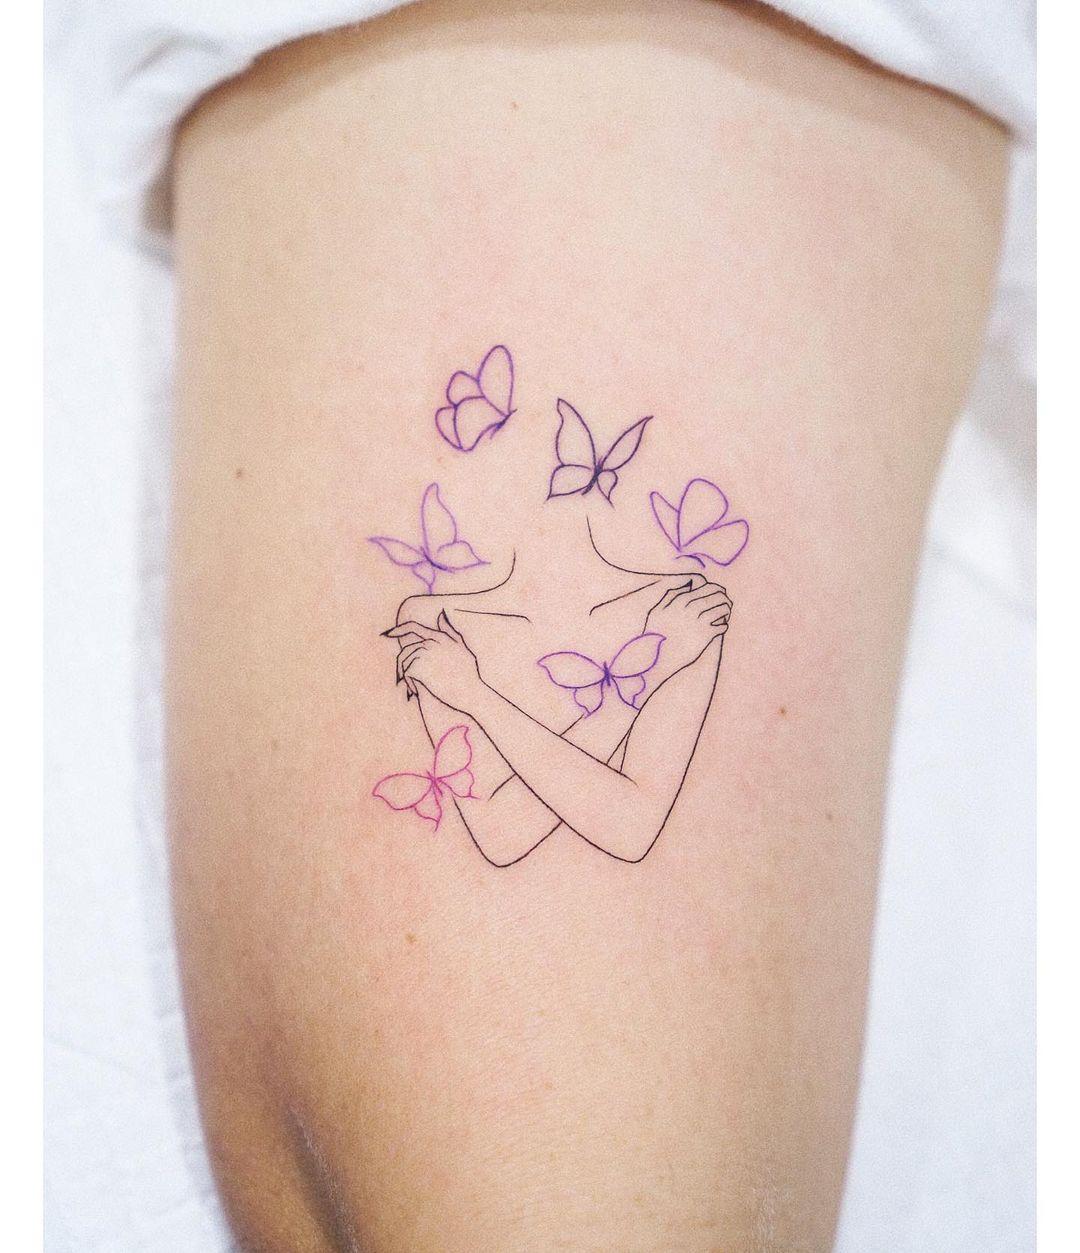 Ziv Tattooer